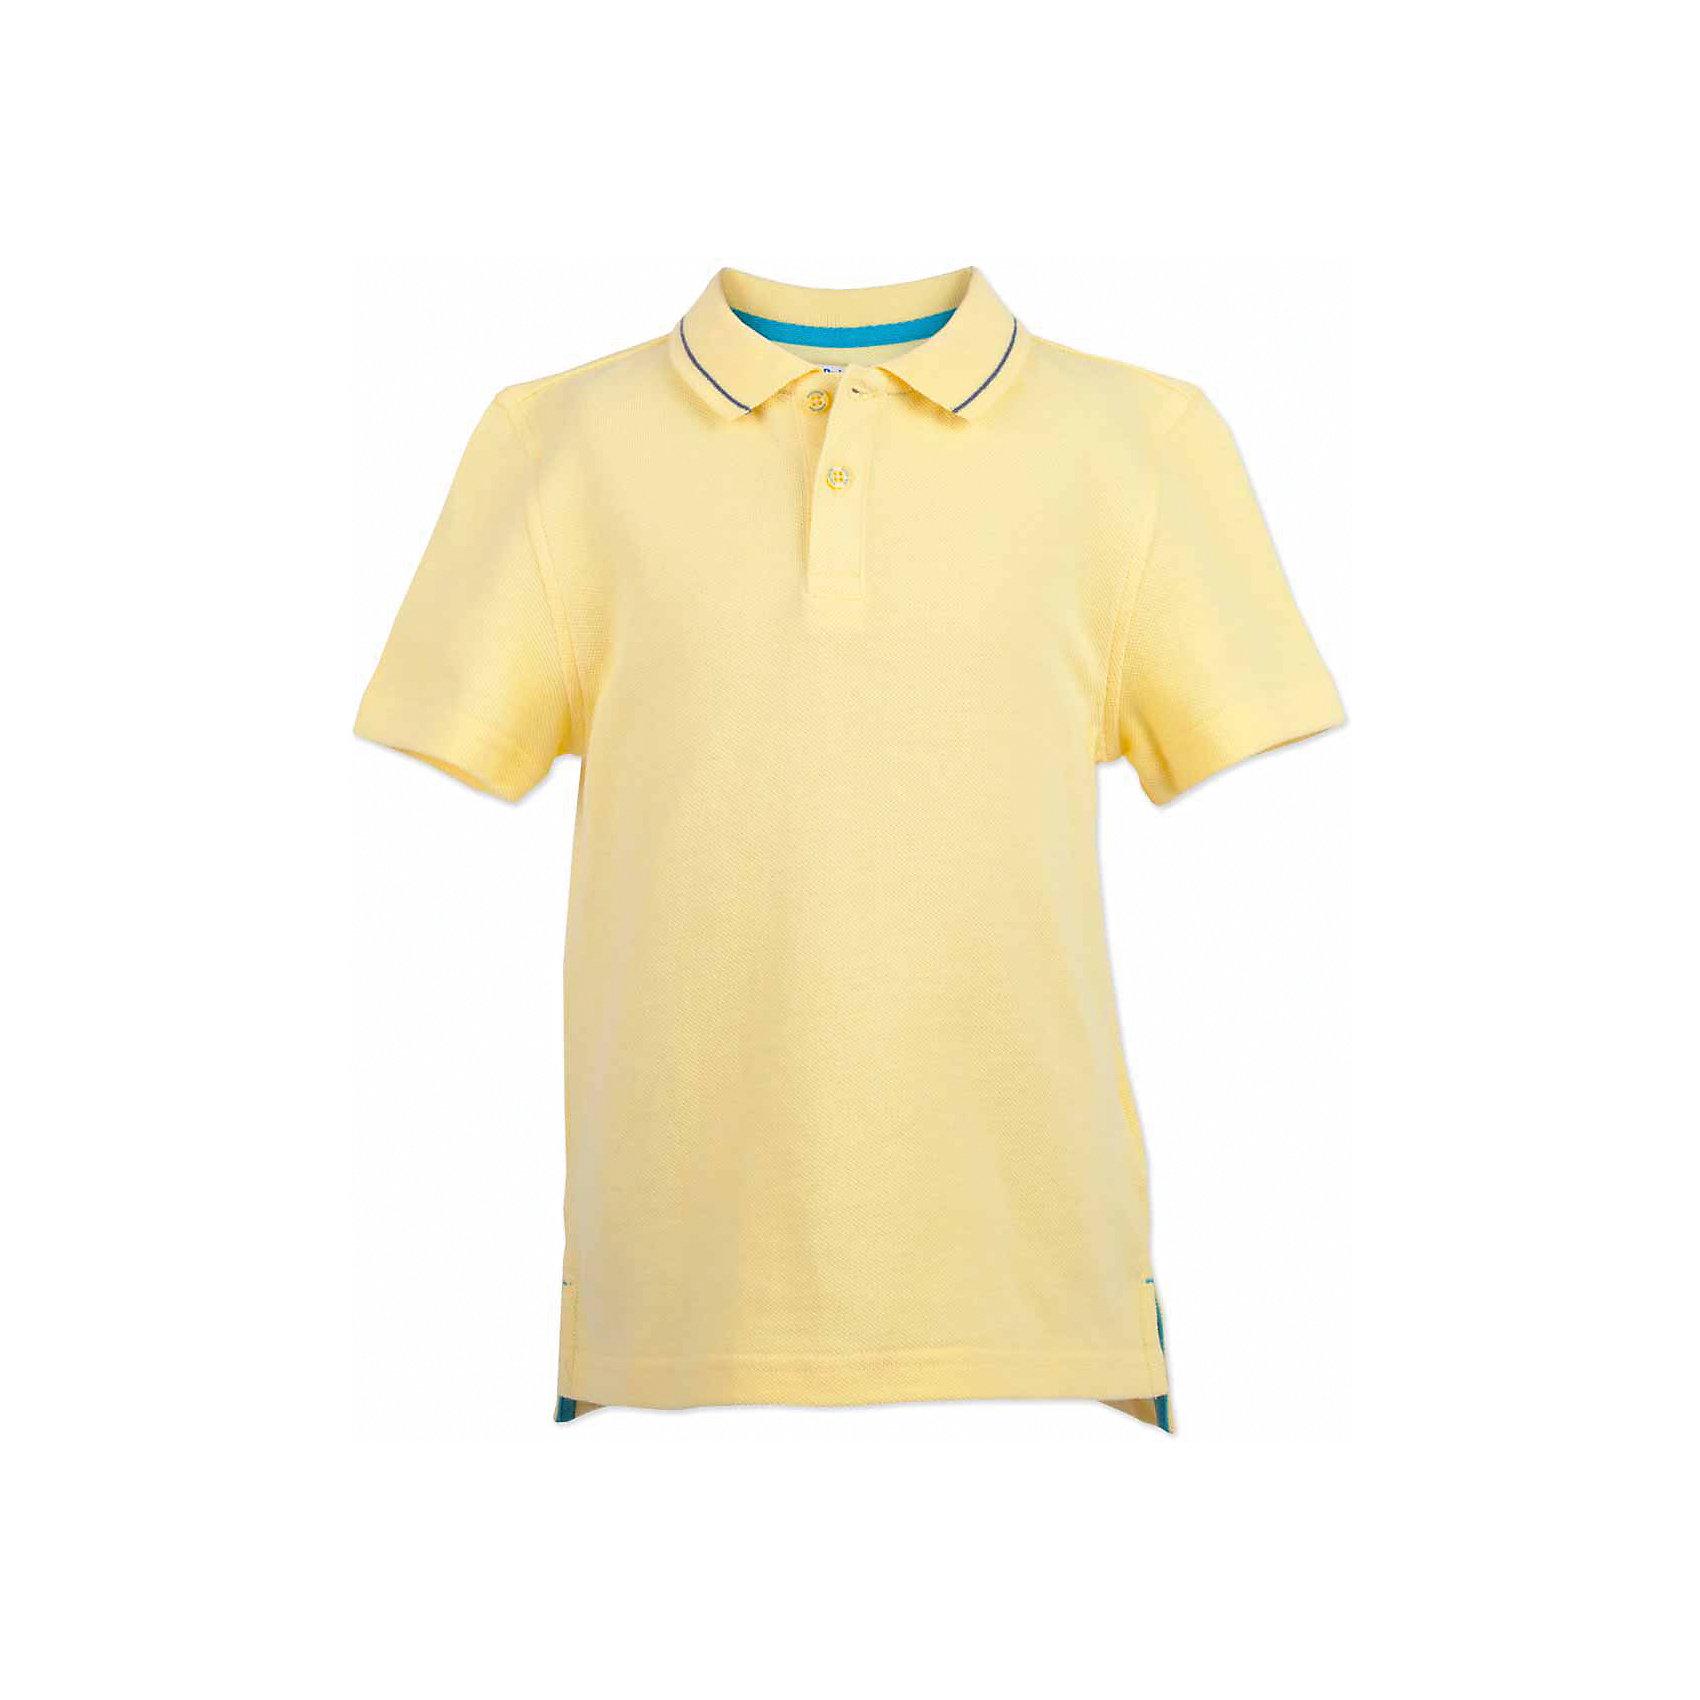 Поло для мальчика  BUTTON BLUEФутболки, поло и топы<br>Поло для мальчика  BUTTON BLUE<br>Яркая футболка-поло - изделие из разряда must have! Это не только базовая вещь в гардеробе ребенка, но и залог хорошего летнего настроения! Если вы решили купить недорогую  футболку-поло для мальчика, выберете желтую модель от Button Blue и ваш ребенок будет доволен! Низкая цена не окажет влияния на бюджет семьи, позволив создать интересный базовый гардероб для долгожданных каникул!<br>Состав:<br>100%  хлопок<br><br>Ширина мм: 199<br>Глубина мм: 10<br>Высота мм: 161<br>Вес г: 151<br>Цвет: желтый<br>Возраст от месяцев: 96<br>Возраст до месяцев: 108<br>Пол: Мужской<br>Возраст: Детский<br>Размер: 134,158,140,146,152,98,104,110,116,122,128<br>SKU: 5524368